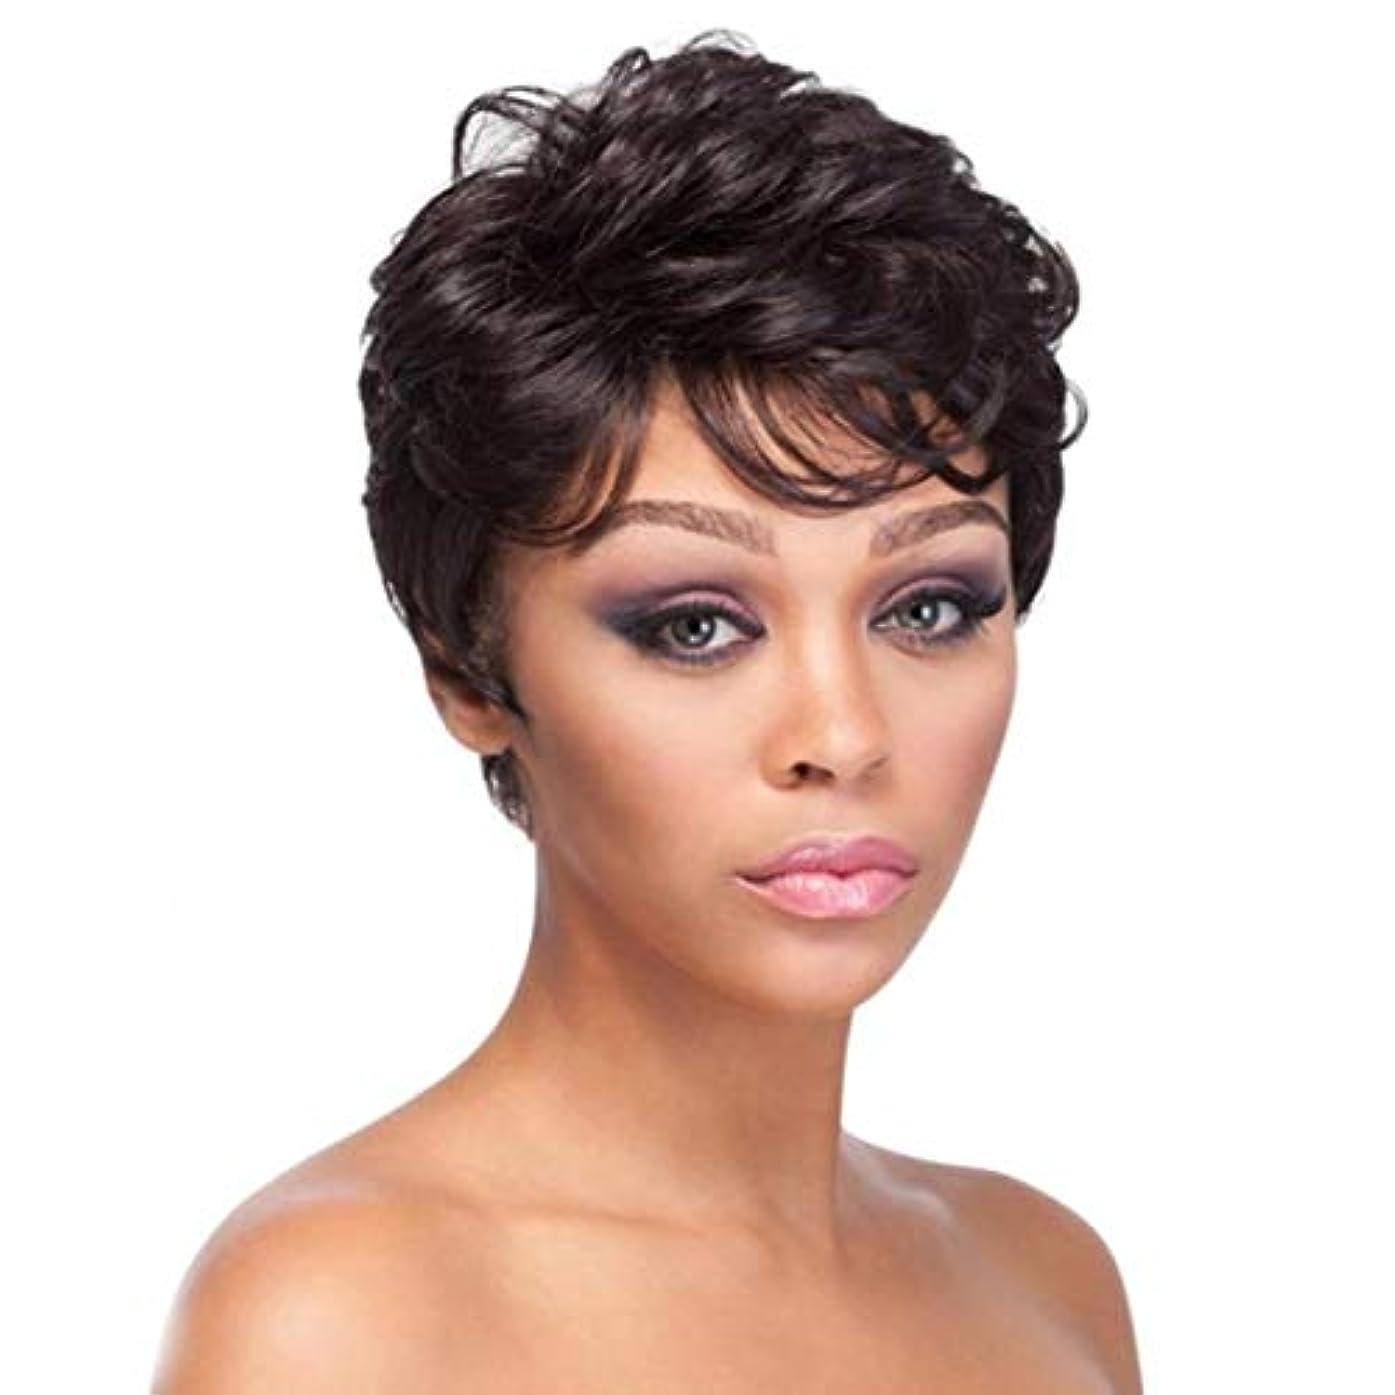 再編成する辞書砦Kerwinner 女性のための短い巻き毛のかつら前髪合成繊維のかつらでかつらかつら